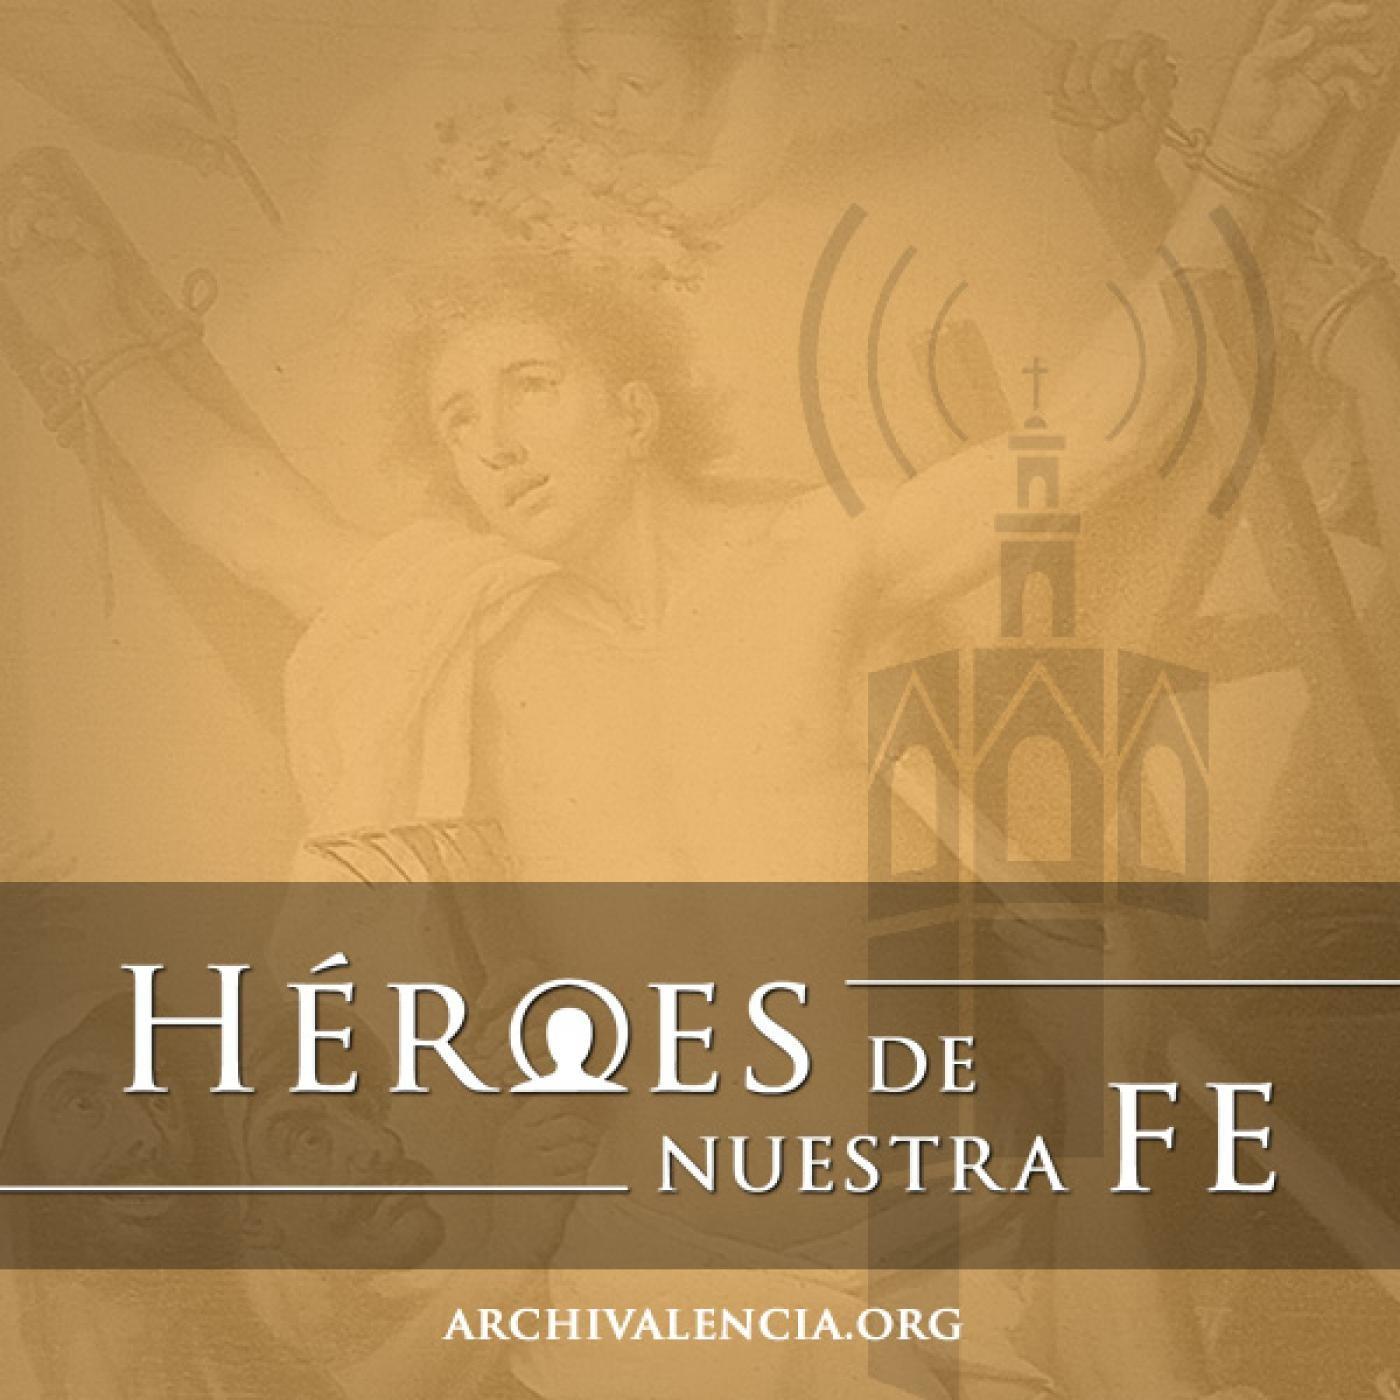 <![CDATA[Héroes de nuestra fe]]>